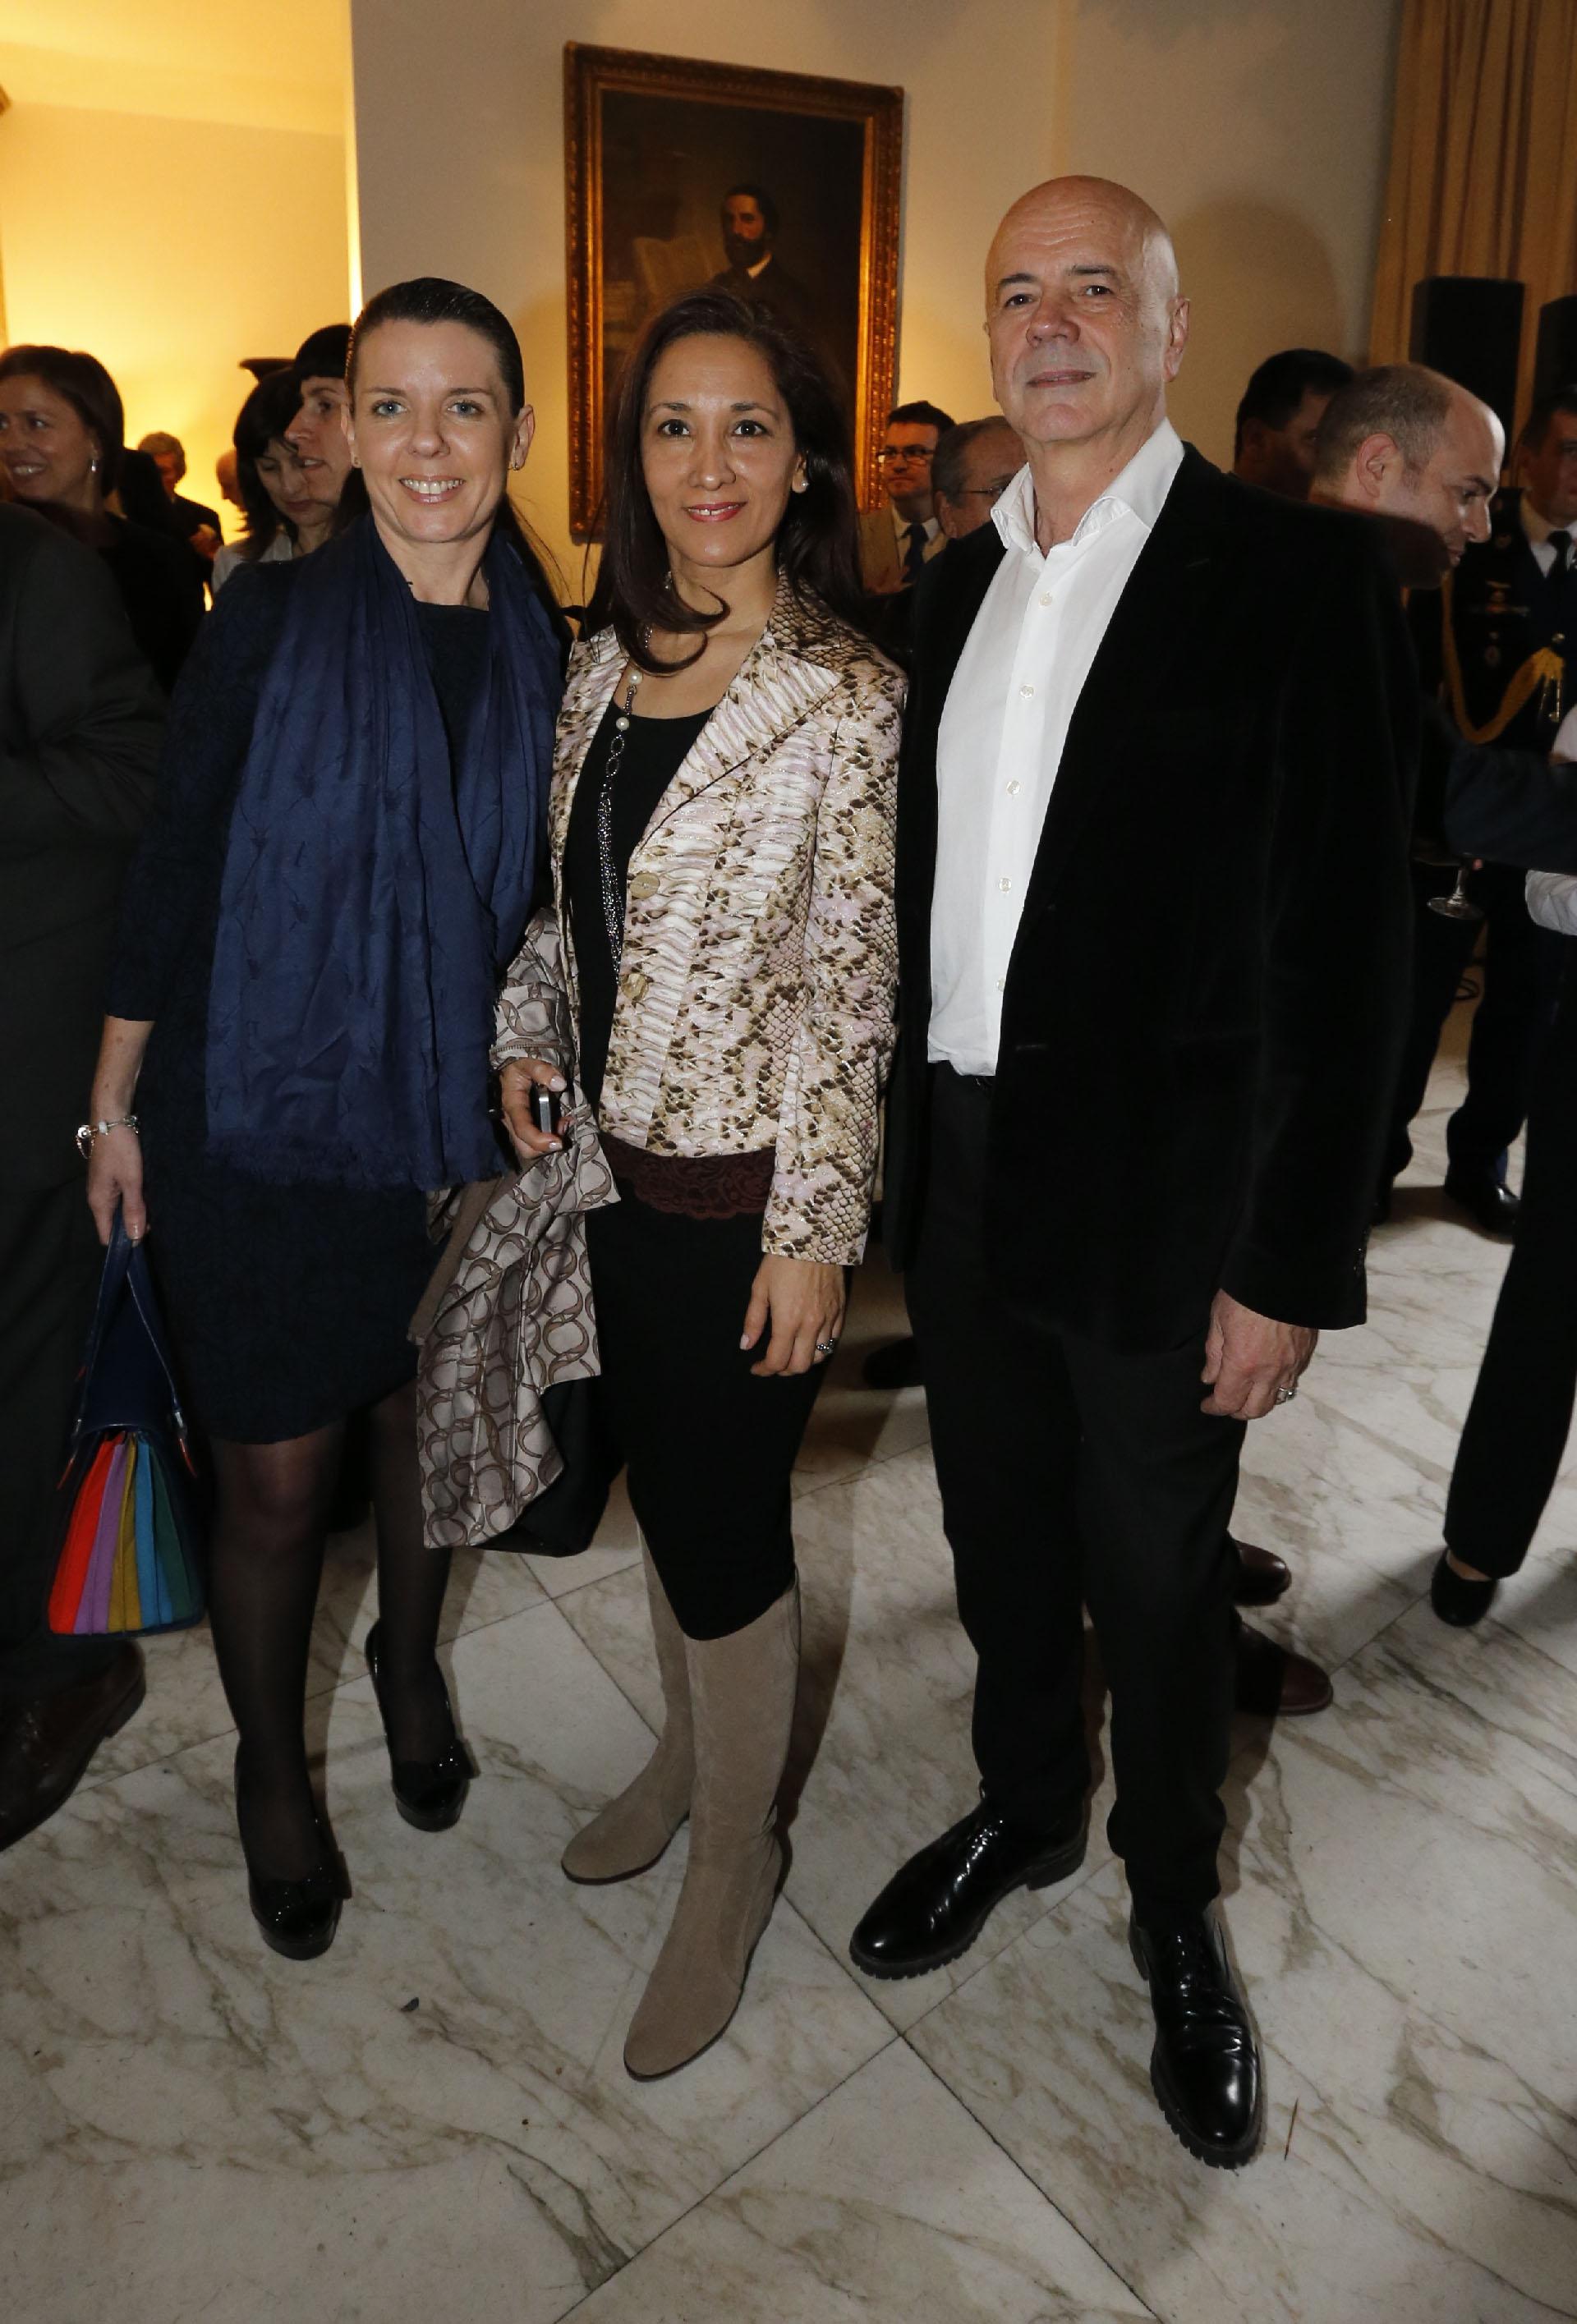 La concertista de bandoneón, Carla Algeri, y Jorge Telerman, director del Complejo Teatral de Buenos Aires